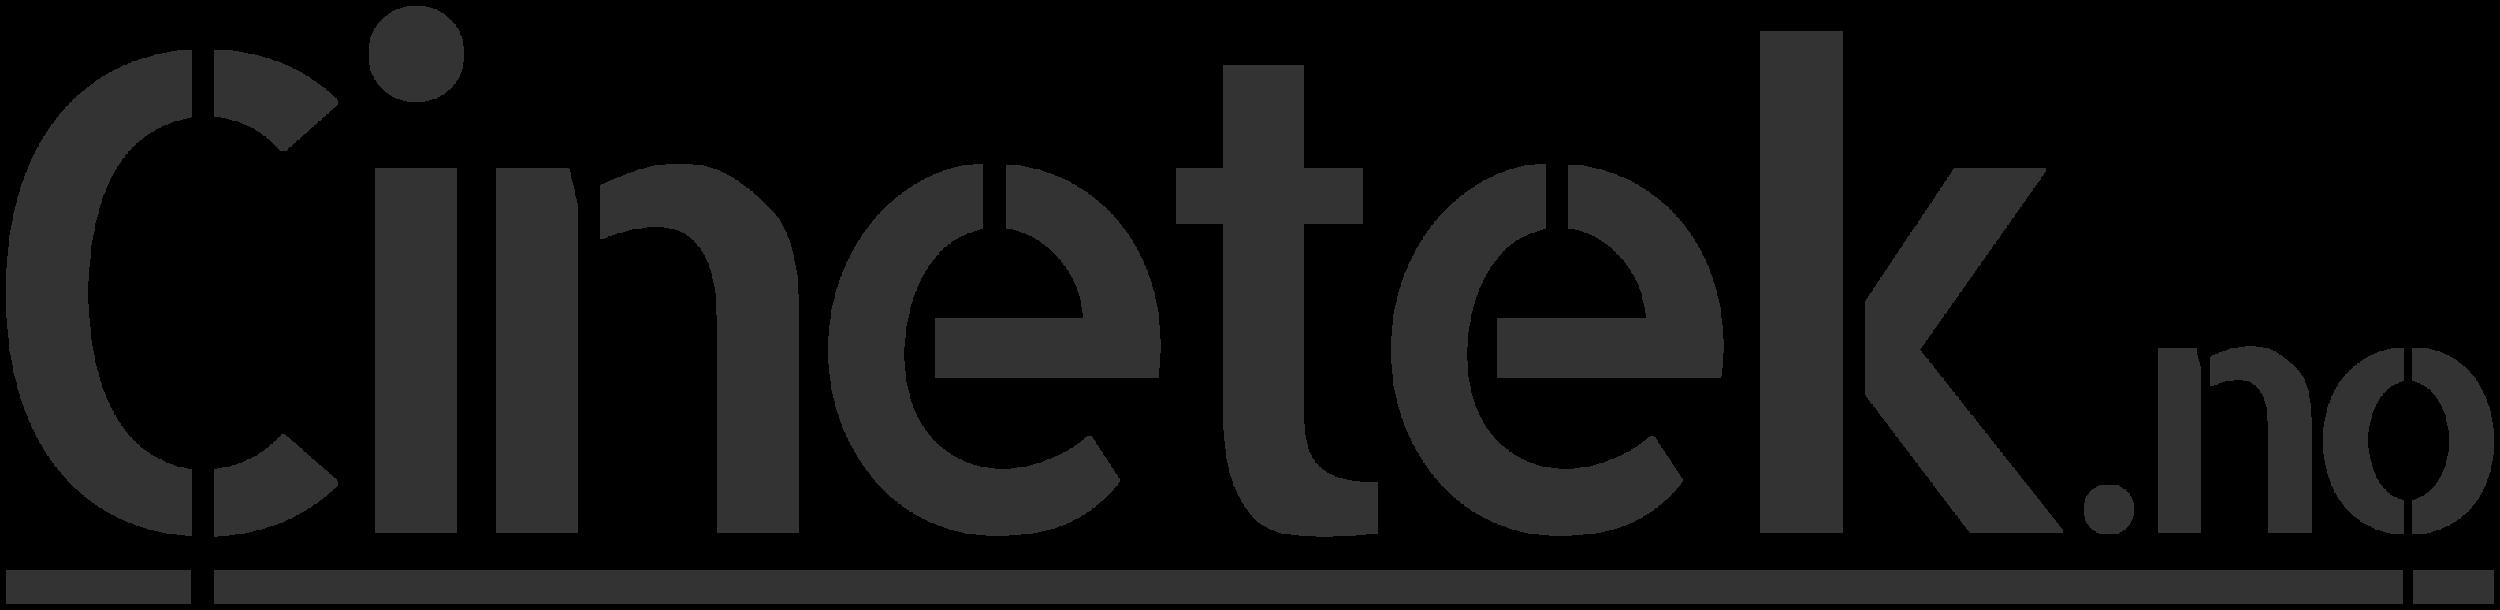 cinetek-weblogo.png